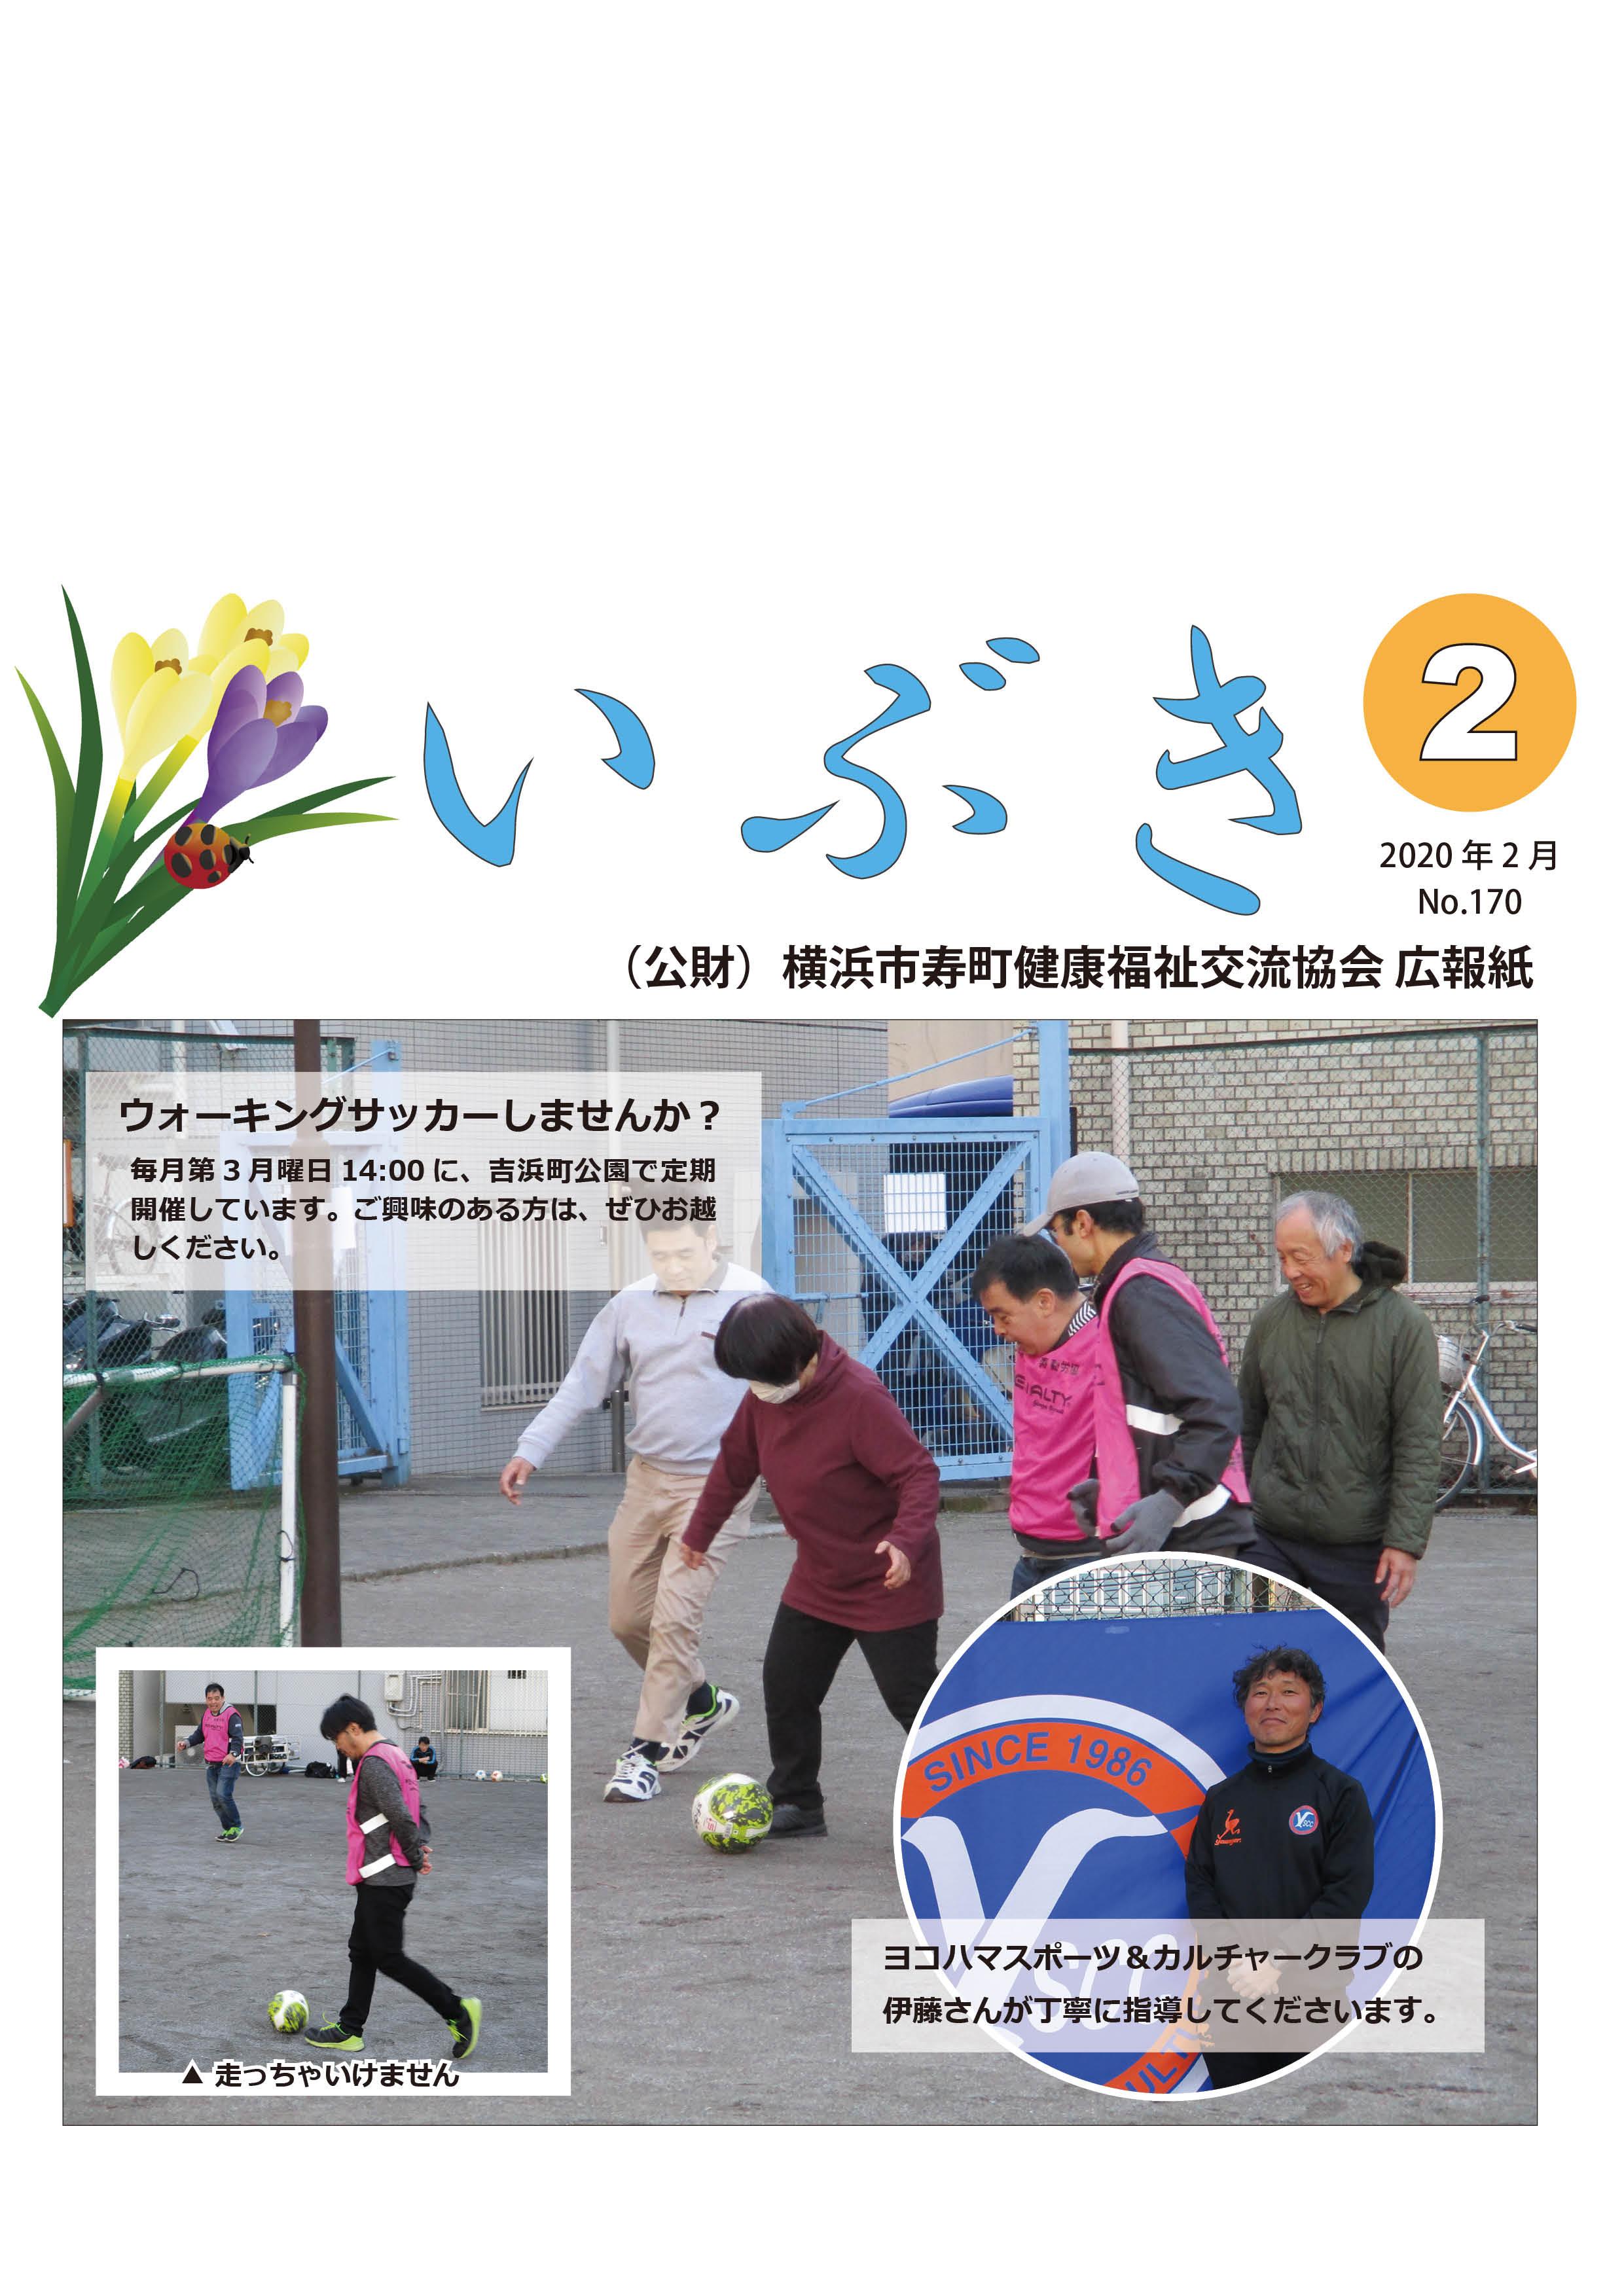 広報紙いぶき2020年2月号(No.170)